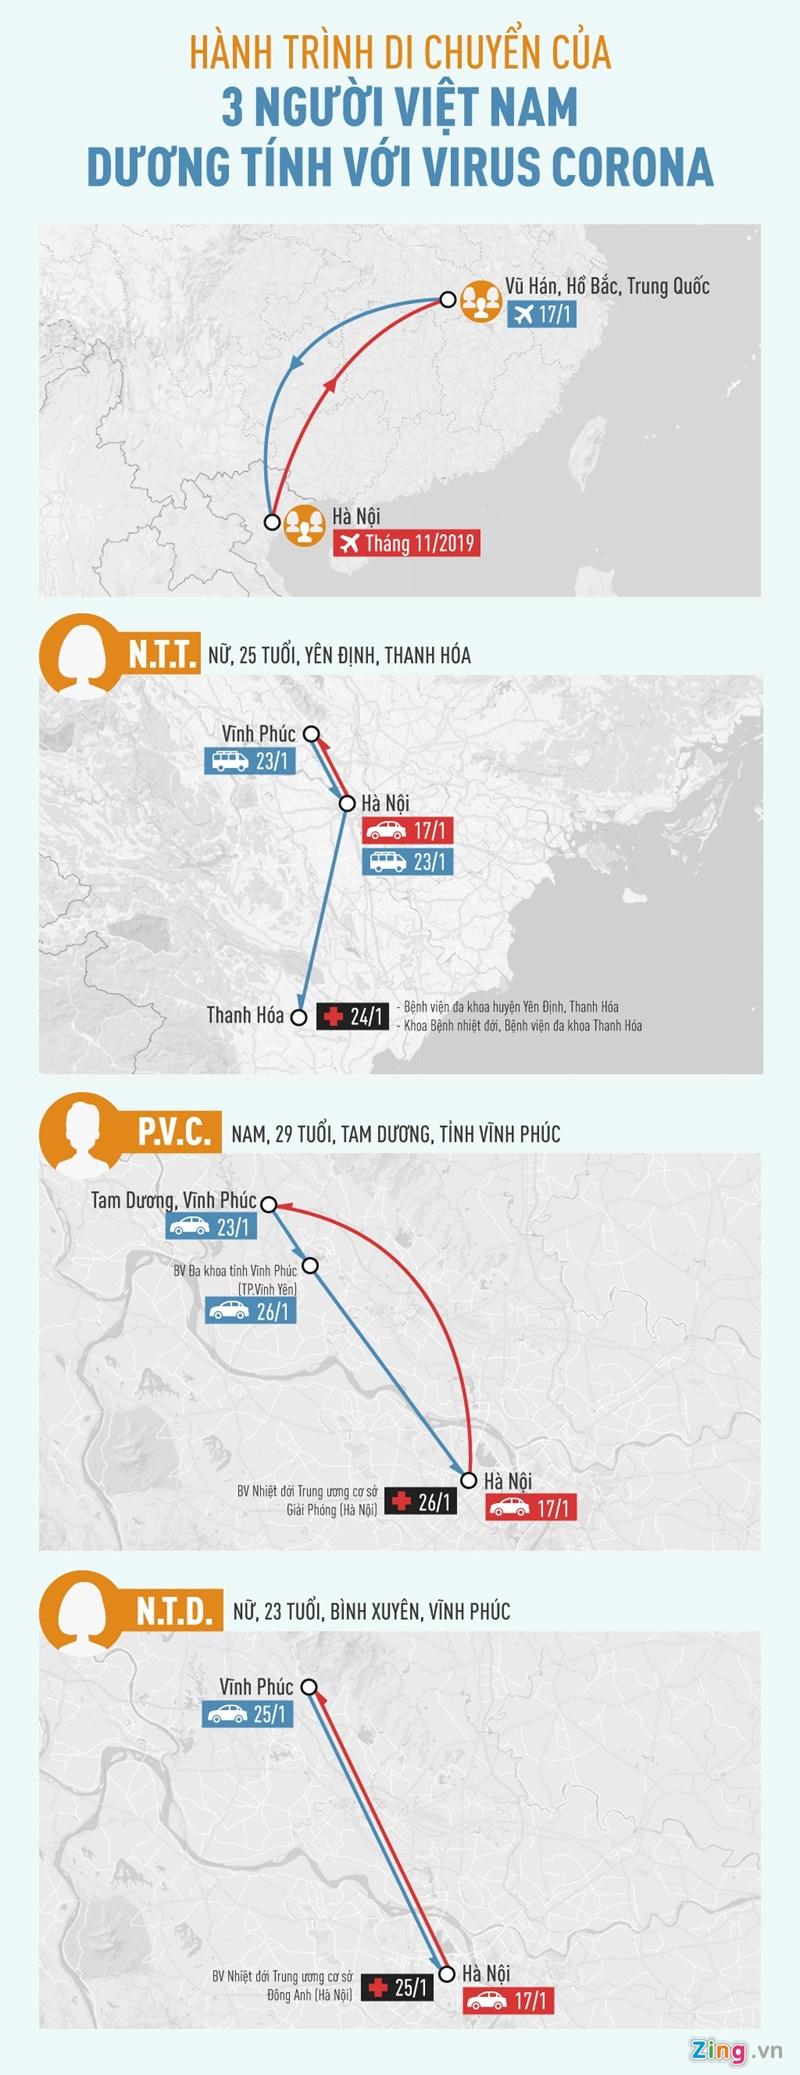 [Infographics] 3 người Việt nhiễm corona đã đi nhiều nơi, gặp nhiều người - Ảnh 1